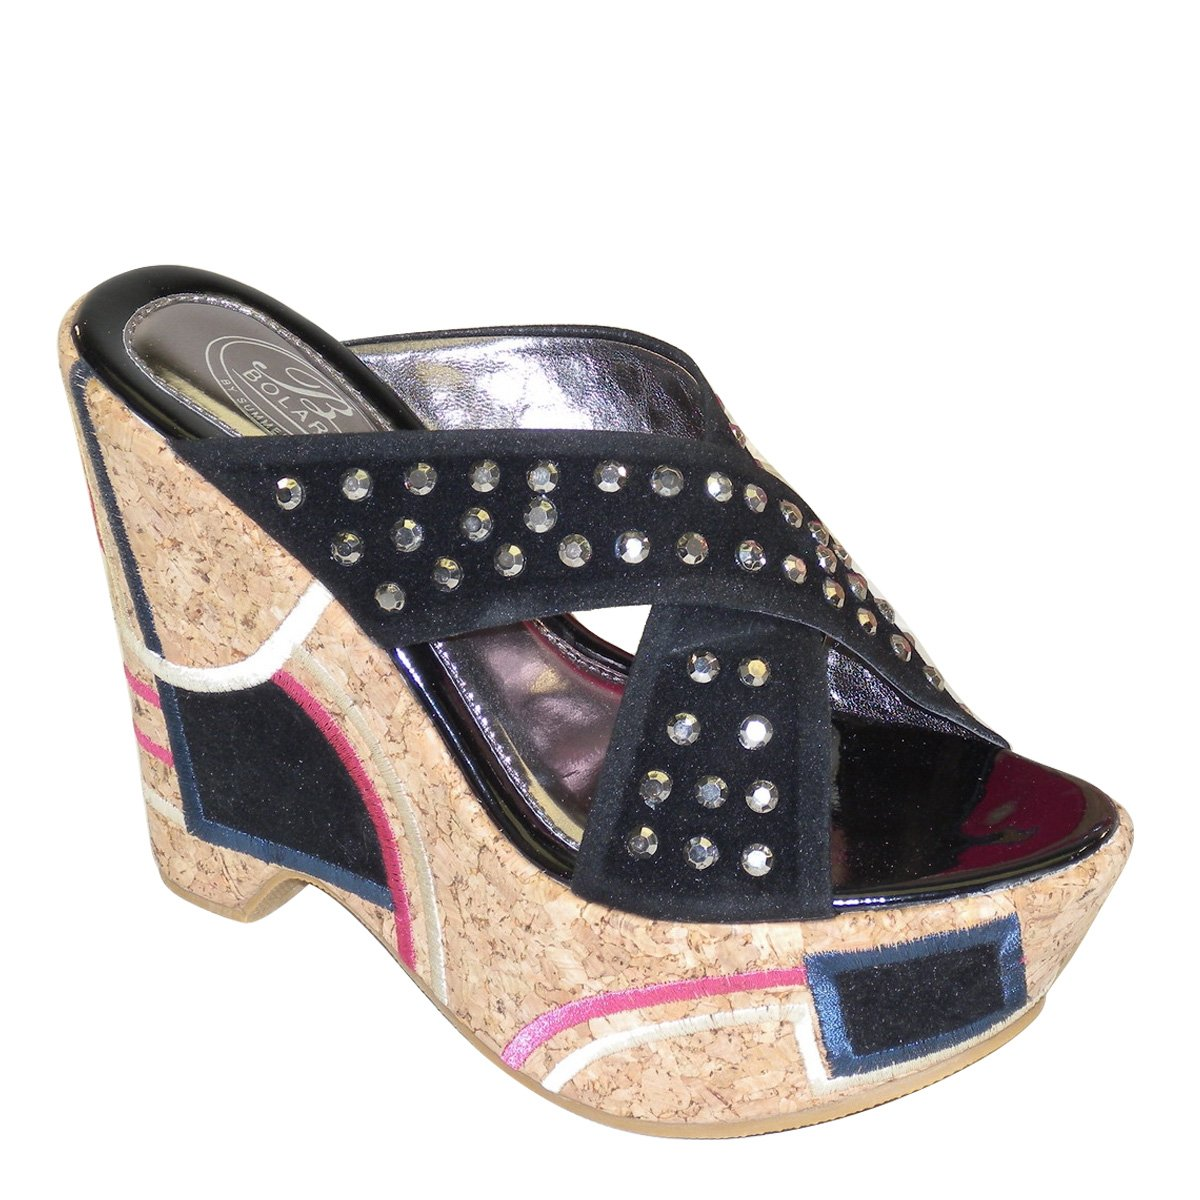 New Brieten Women's Rhinestone Studded Cross Strappy Wedge Platform Slide Sandals B00IFU4XTQ 7 B(M) US|Black